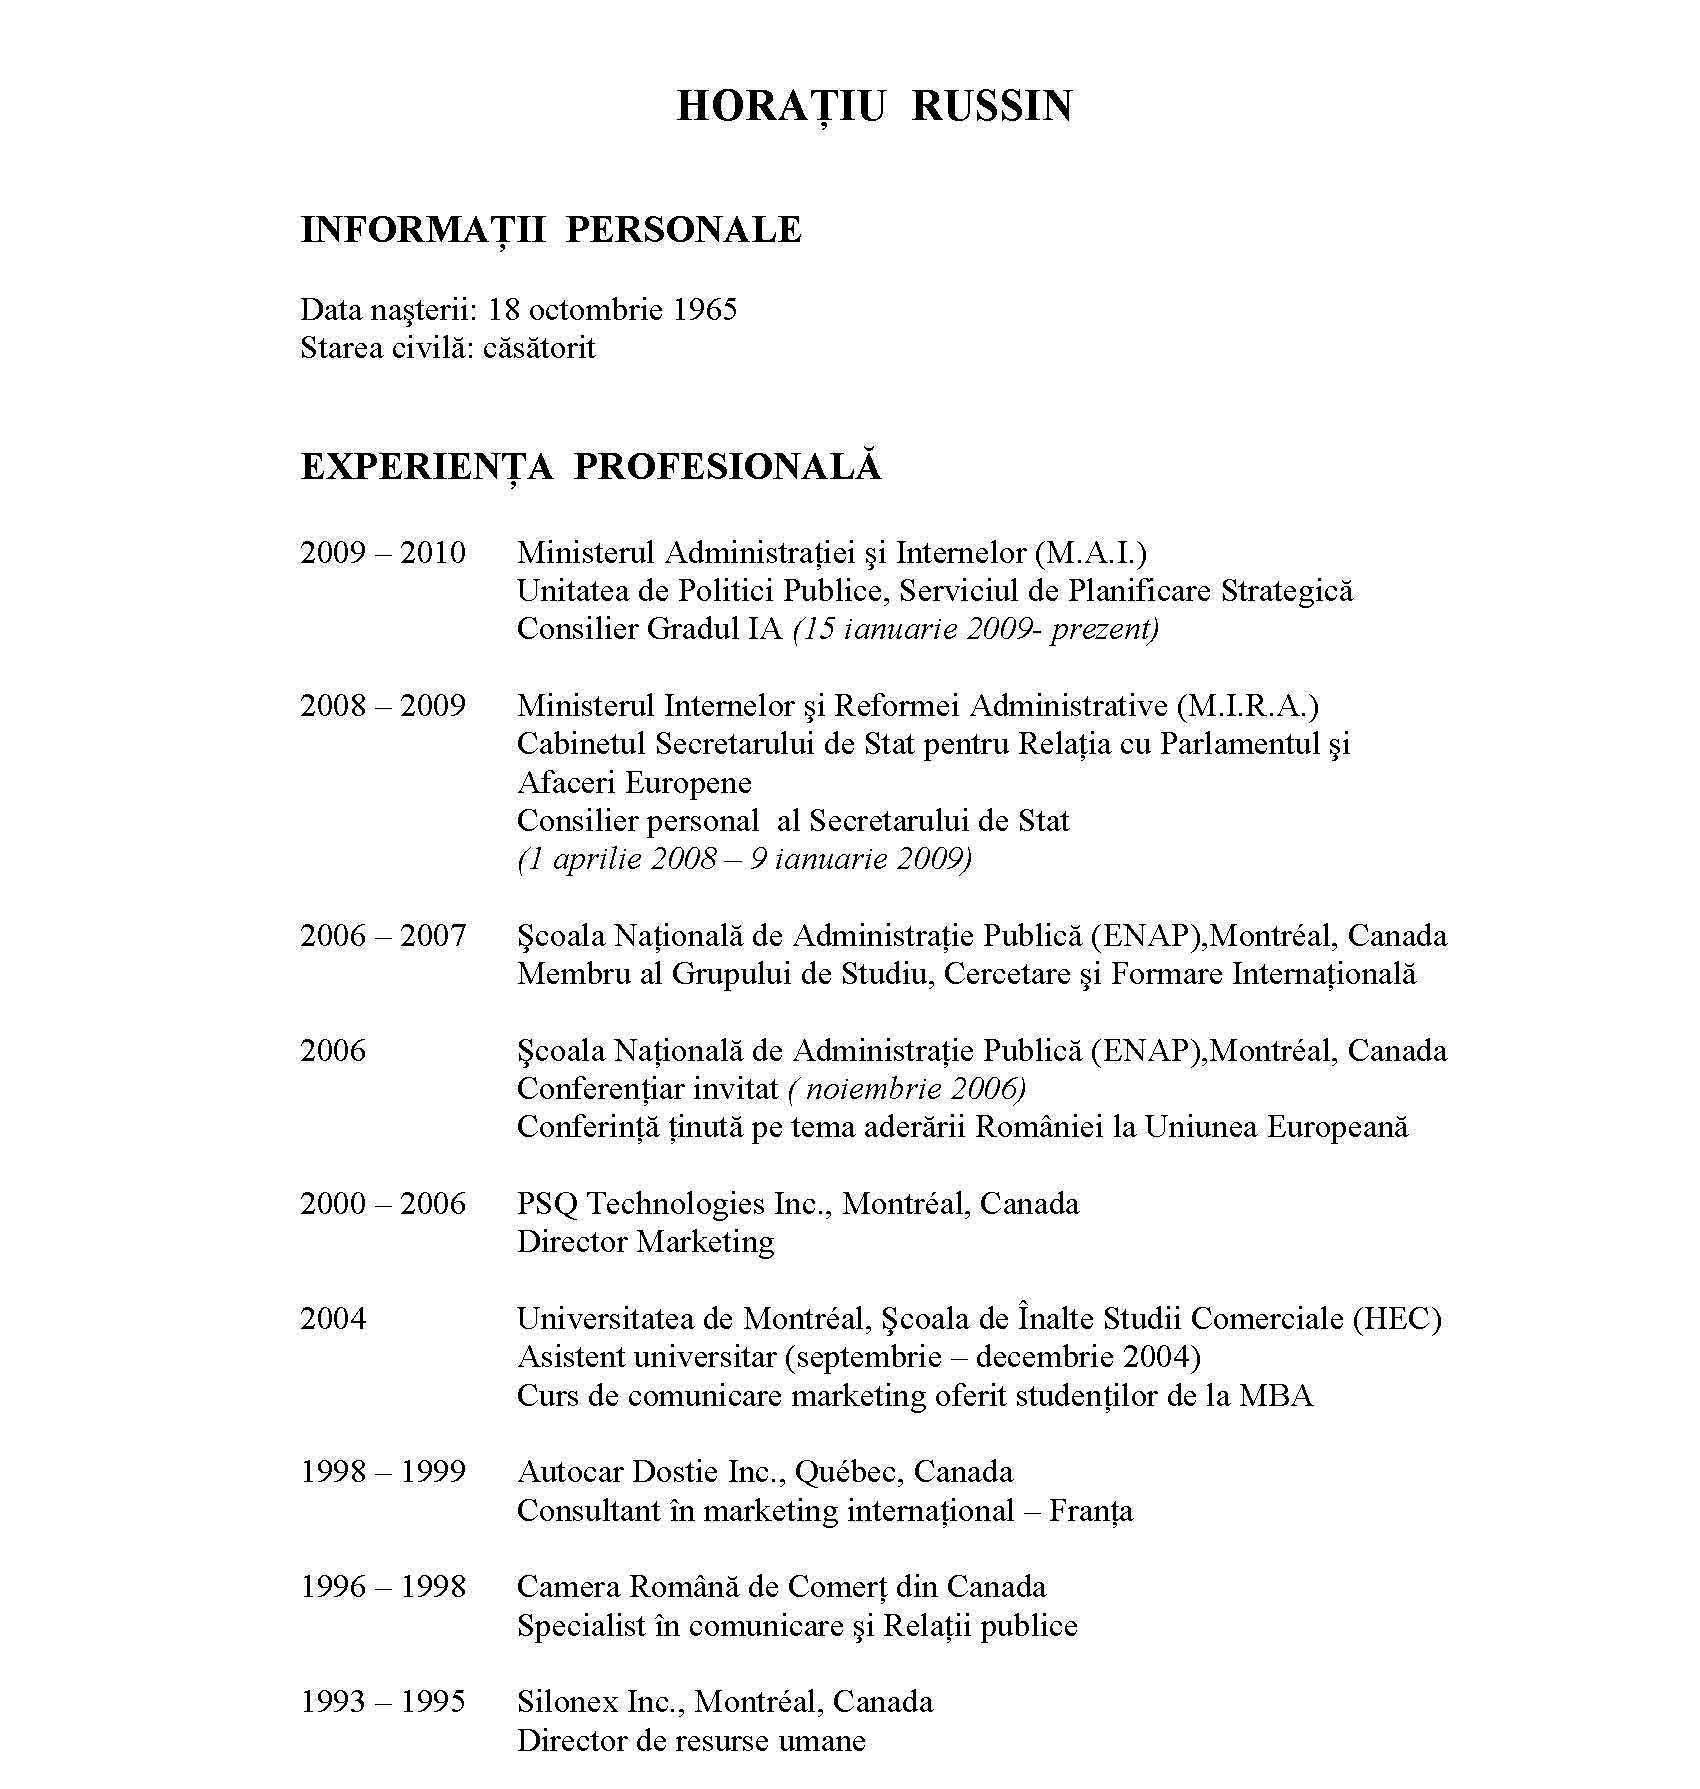 curriculum vitae format doc romana professional resumes example